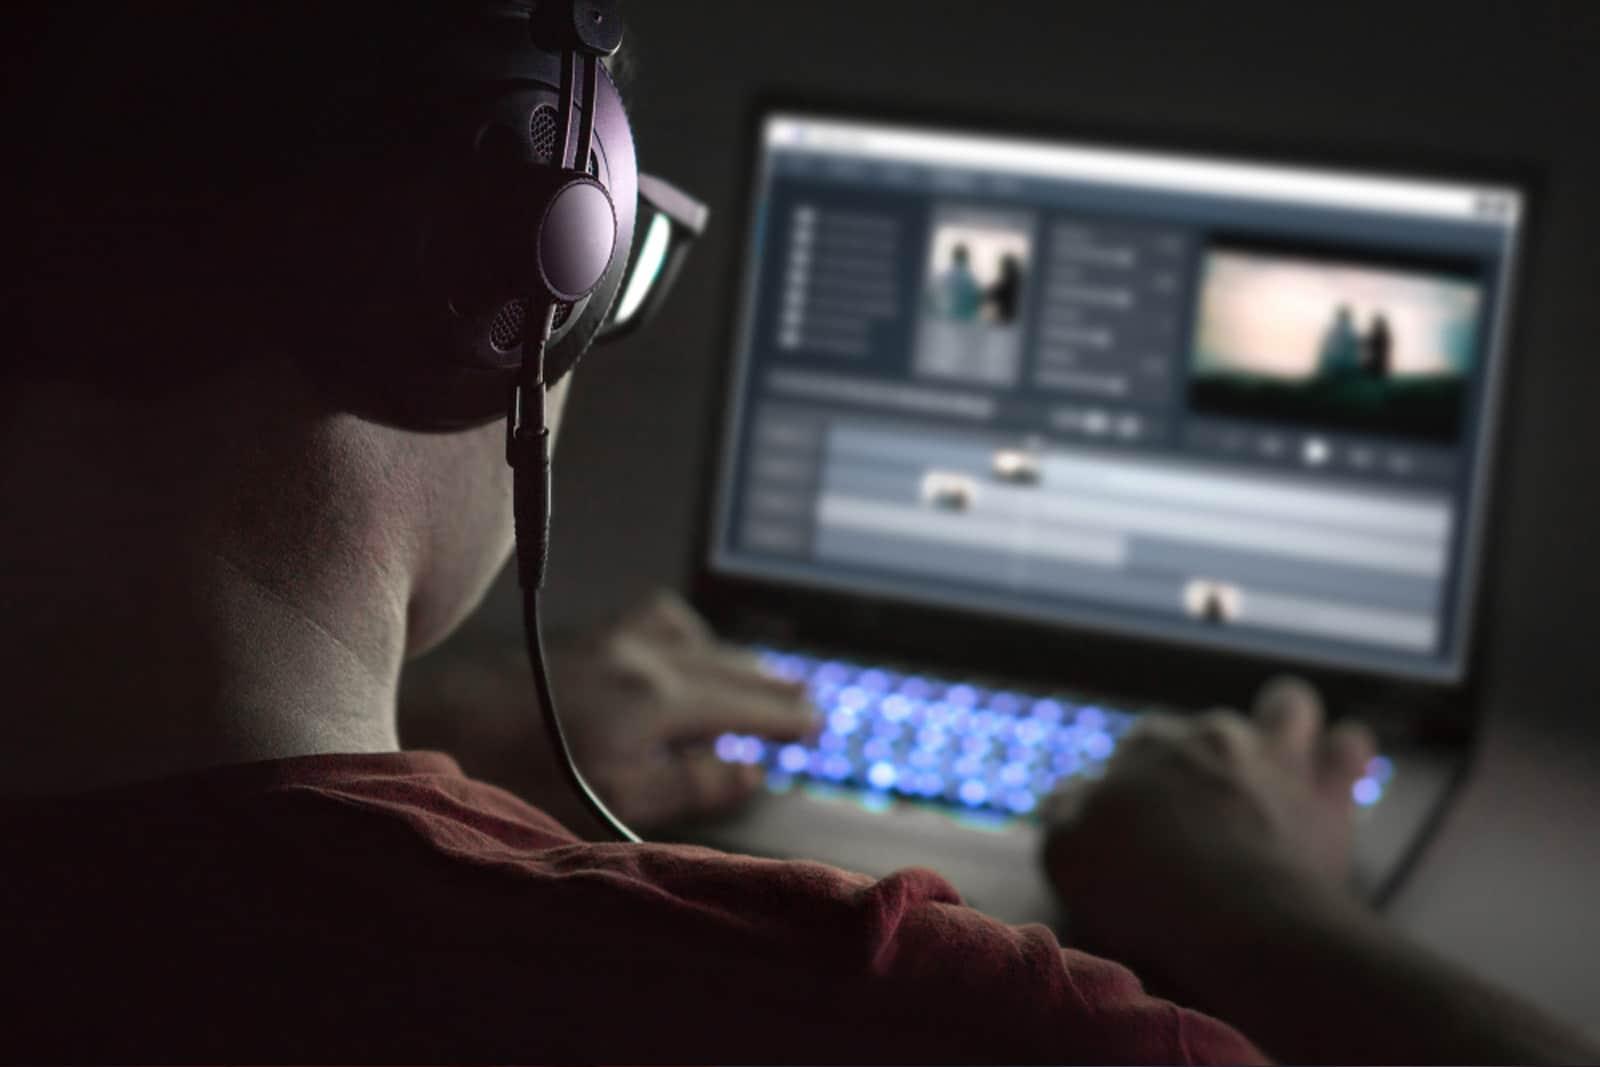 DST Film Studio - efekty specjalne przygotowywane w studiu we Wrocławiu